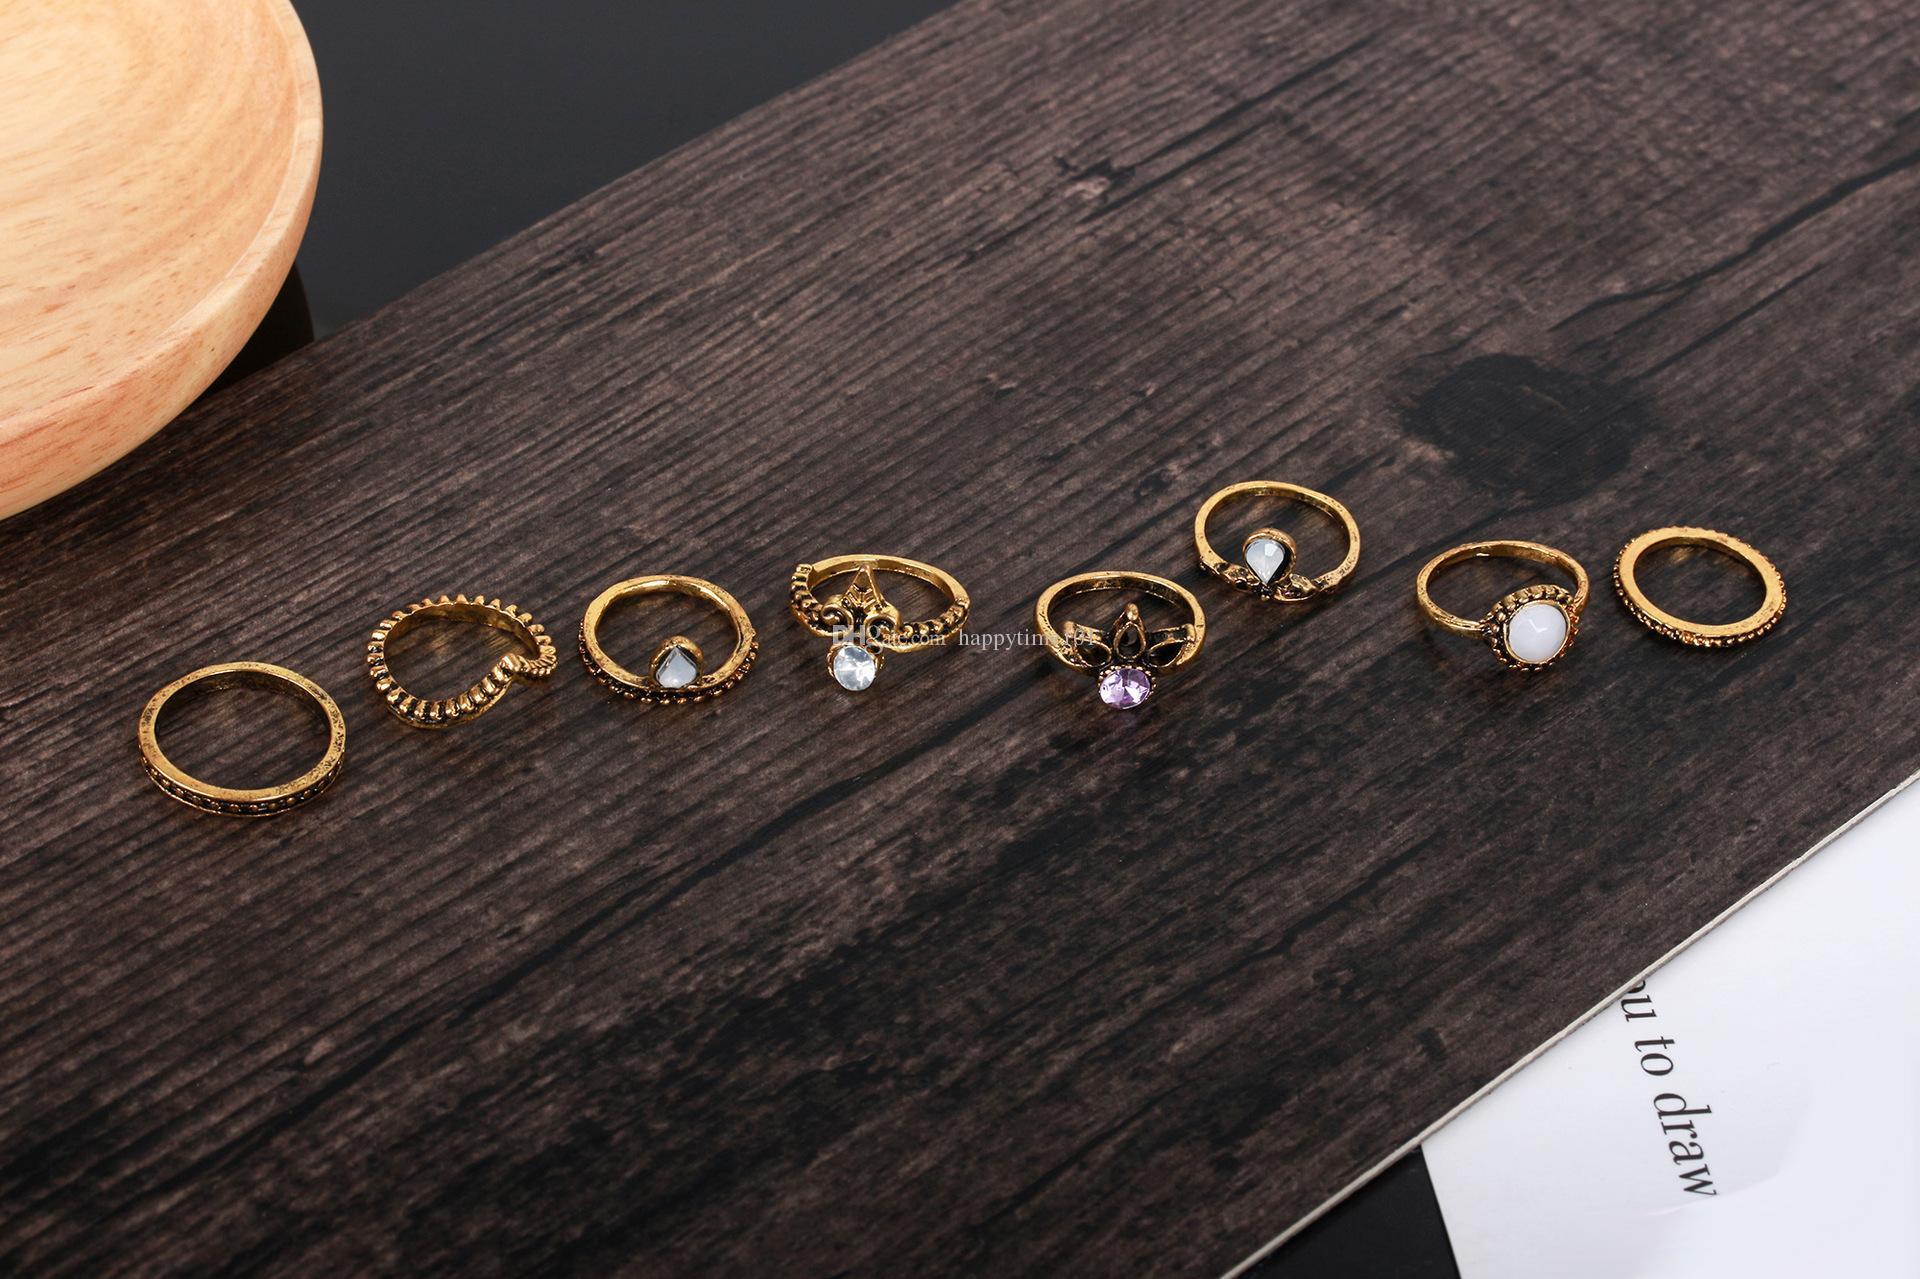 8 pz / set Vintage Midi Anelli Corona Bianco gemma Bronzo ottone Knuckle Anello Etnico Intagliato Boho Midi Anelli di Barretta le donne Gioielli di moda